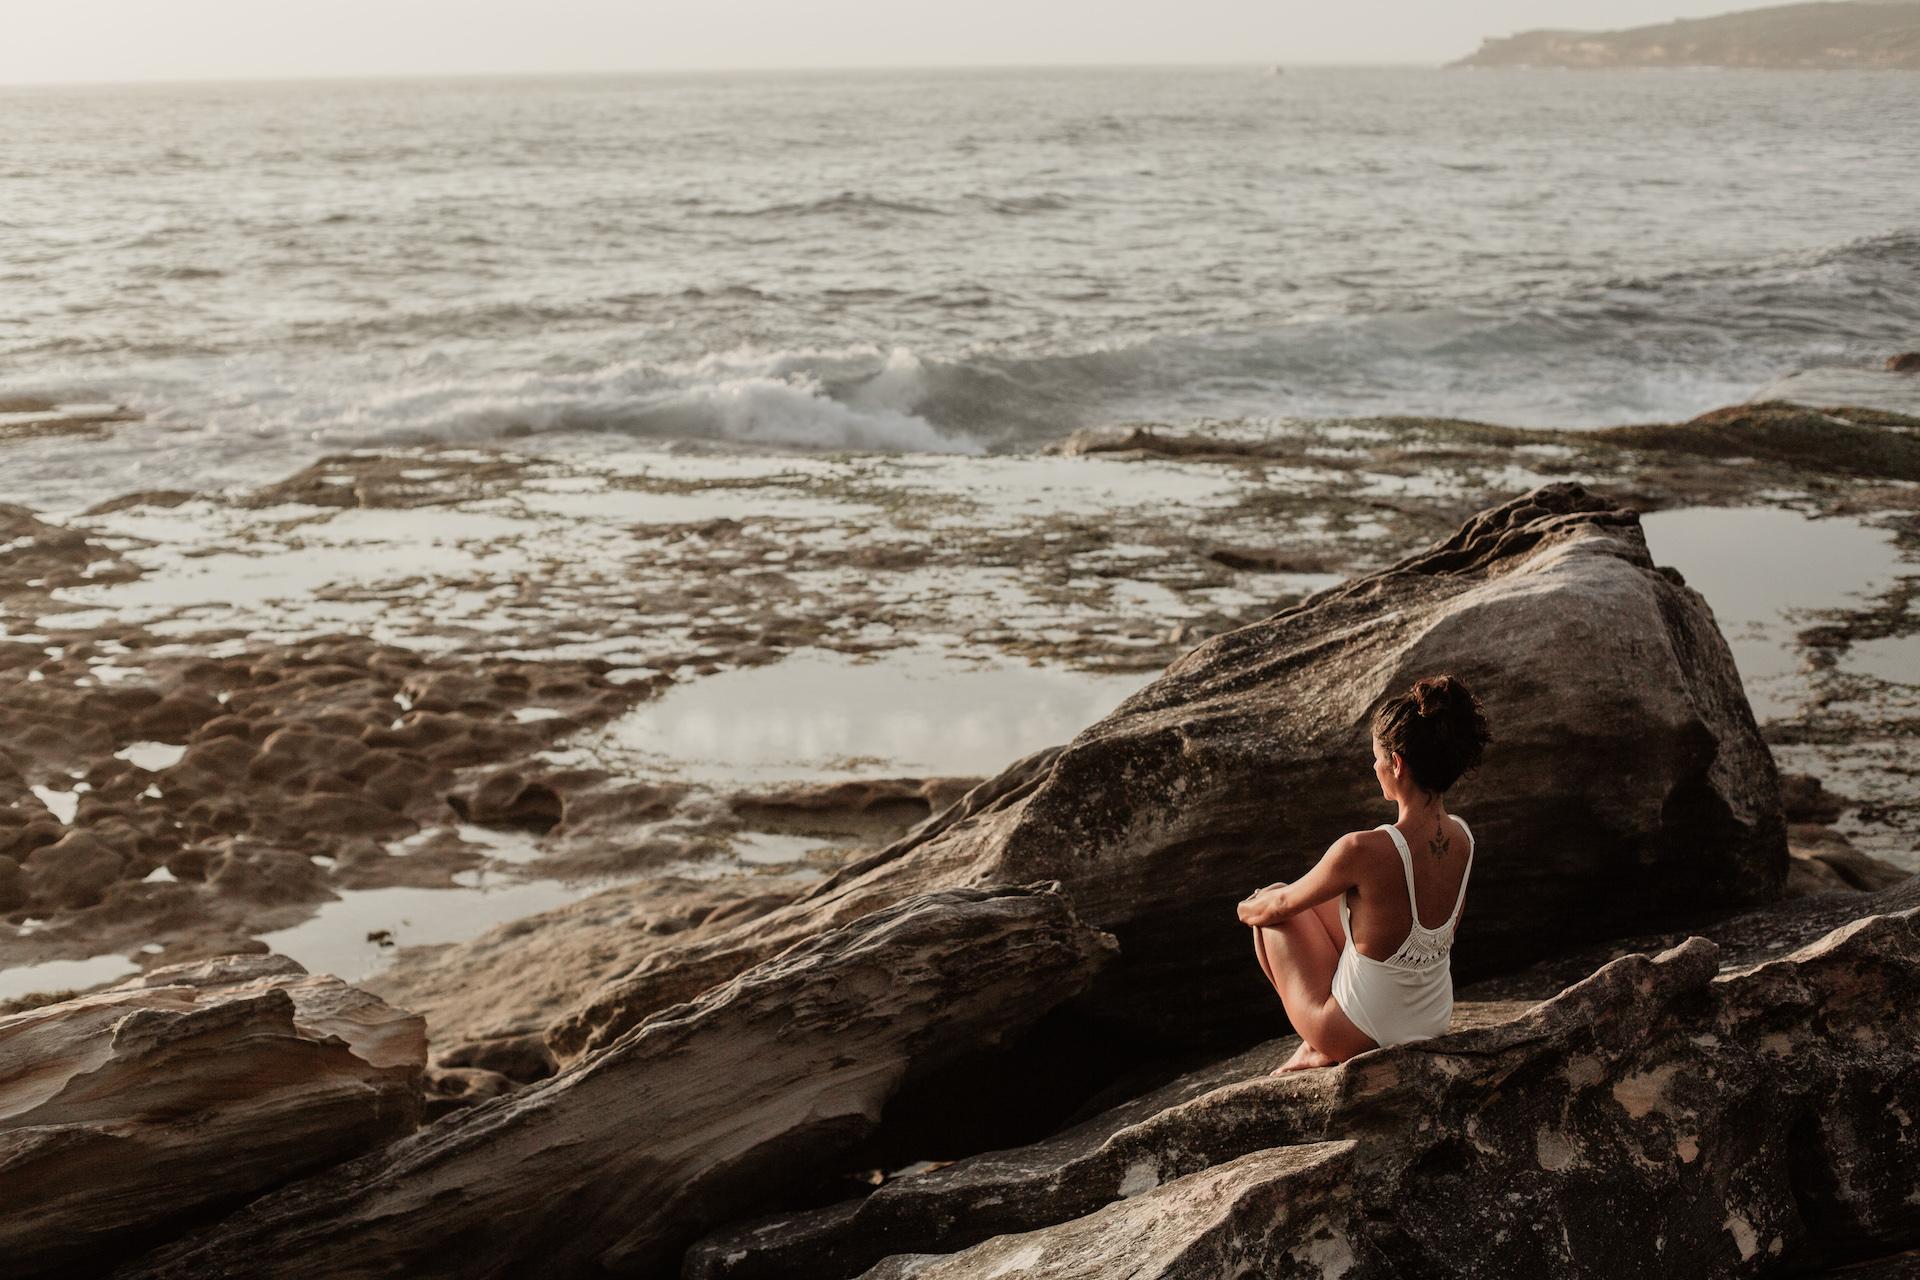 consiliere spirituala